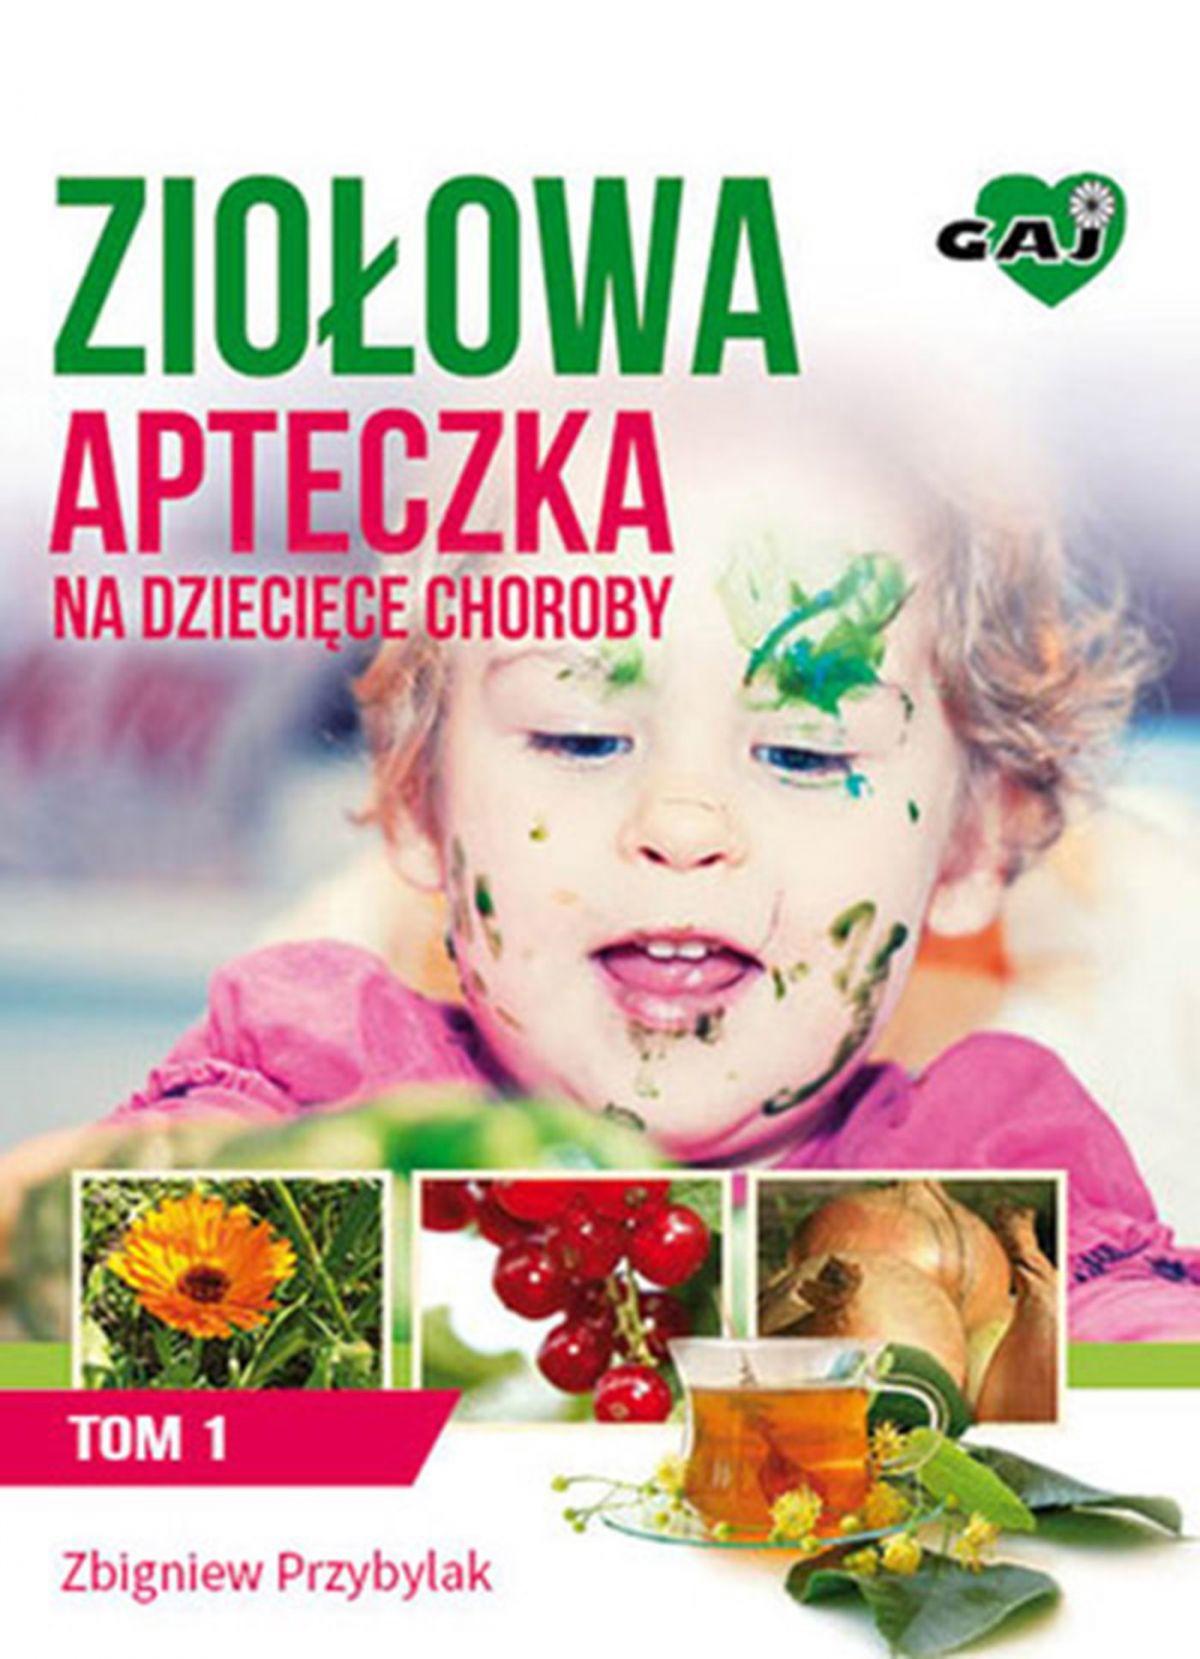 Ziołowa Apteczka na Dziecięce Choroby. Tom 1 - Ebook (Książka na Kindle) do pobrania w formacie MOBI